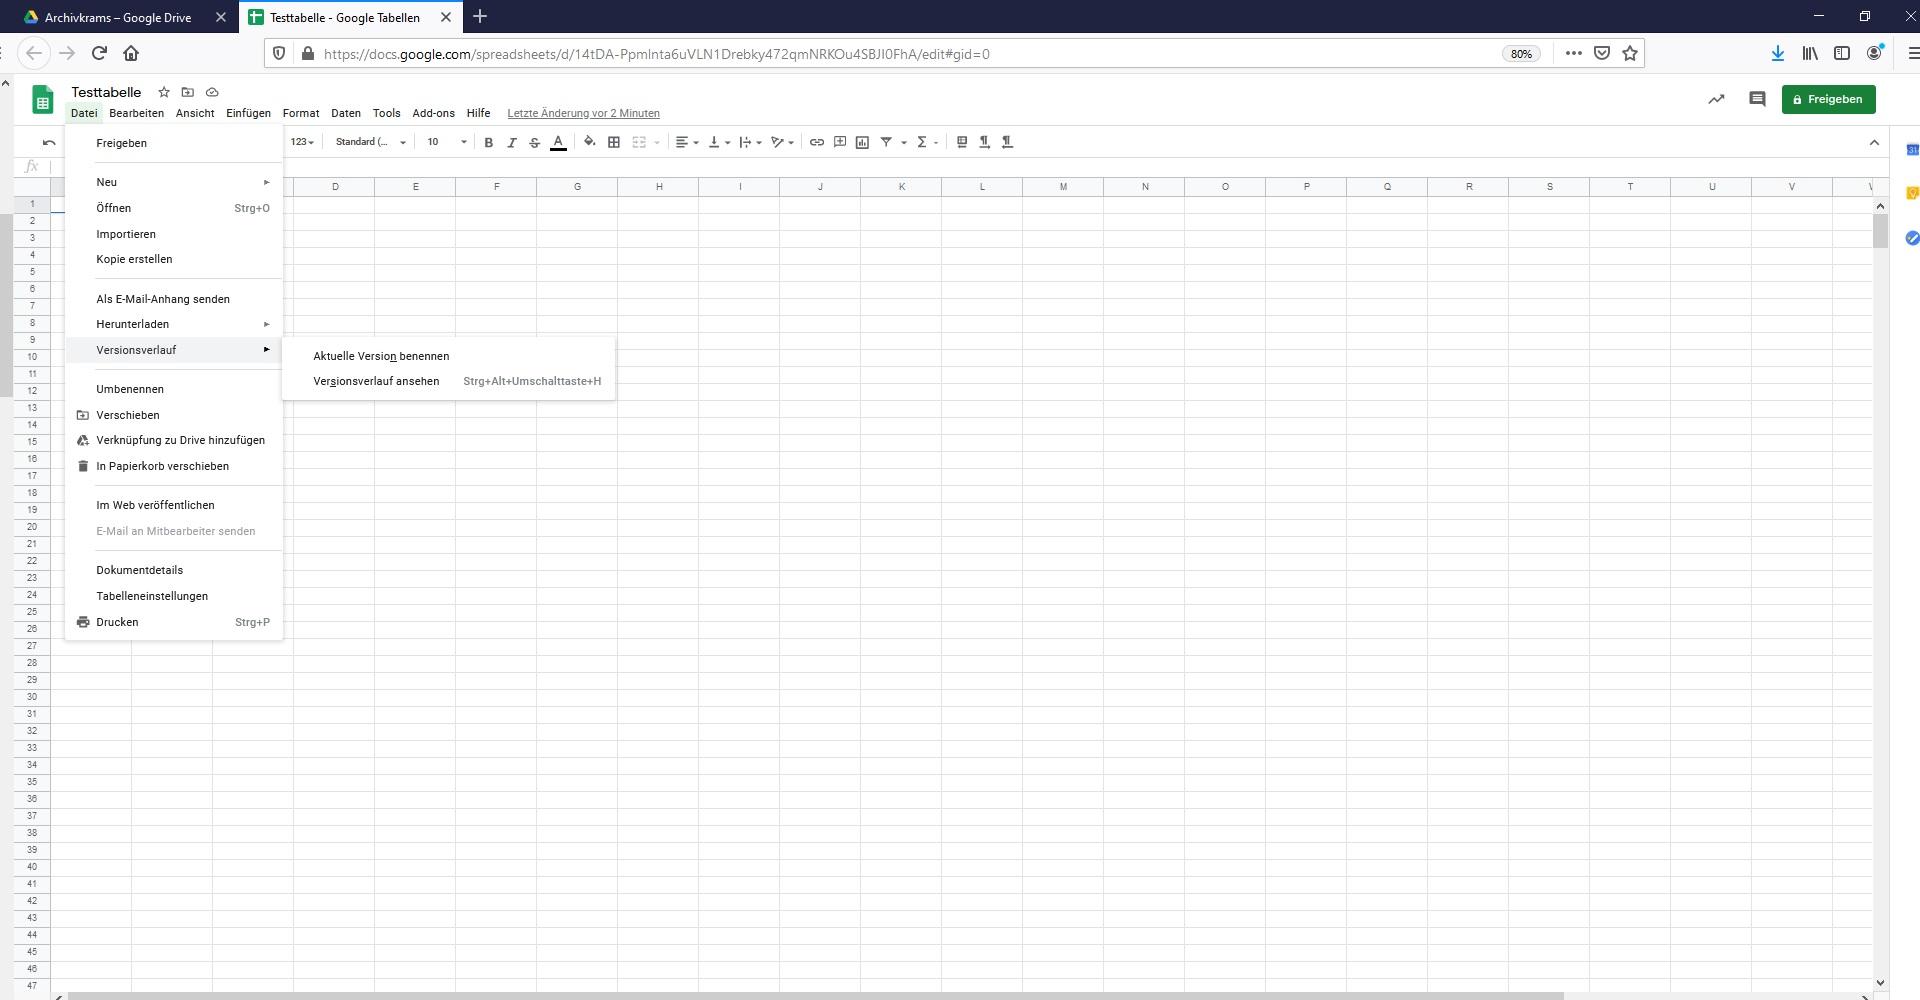 Google Drive Tipps Versionsverlauf